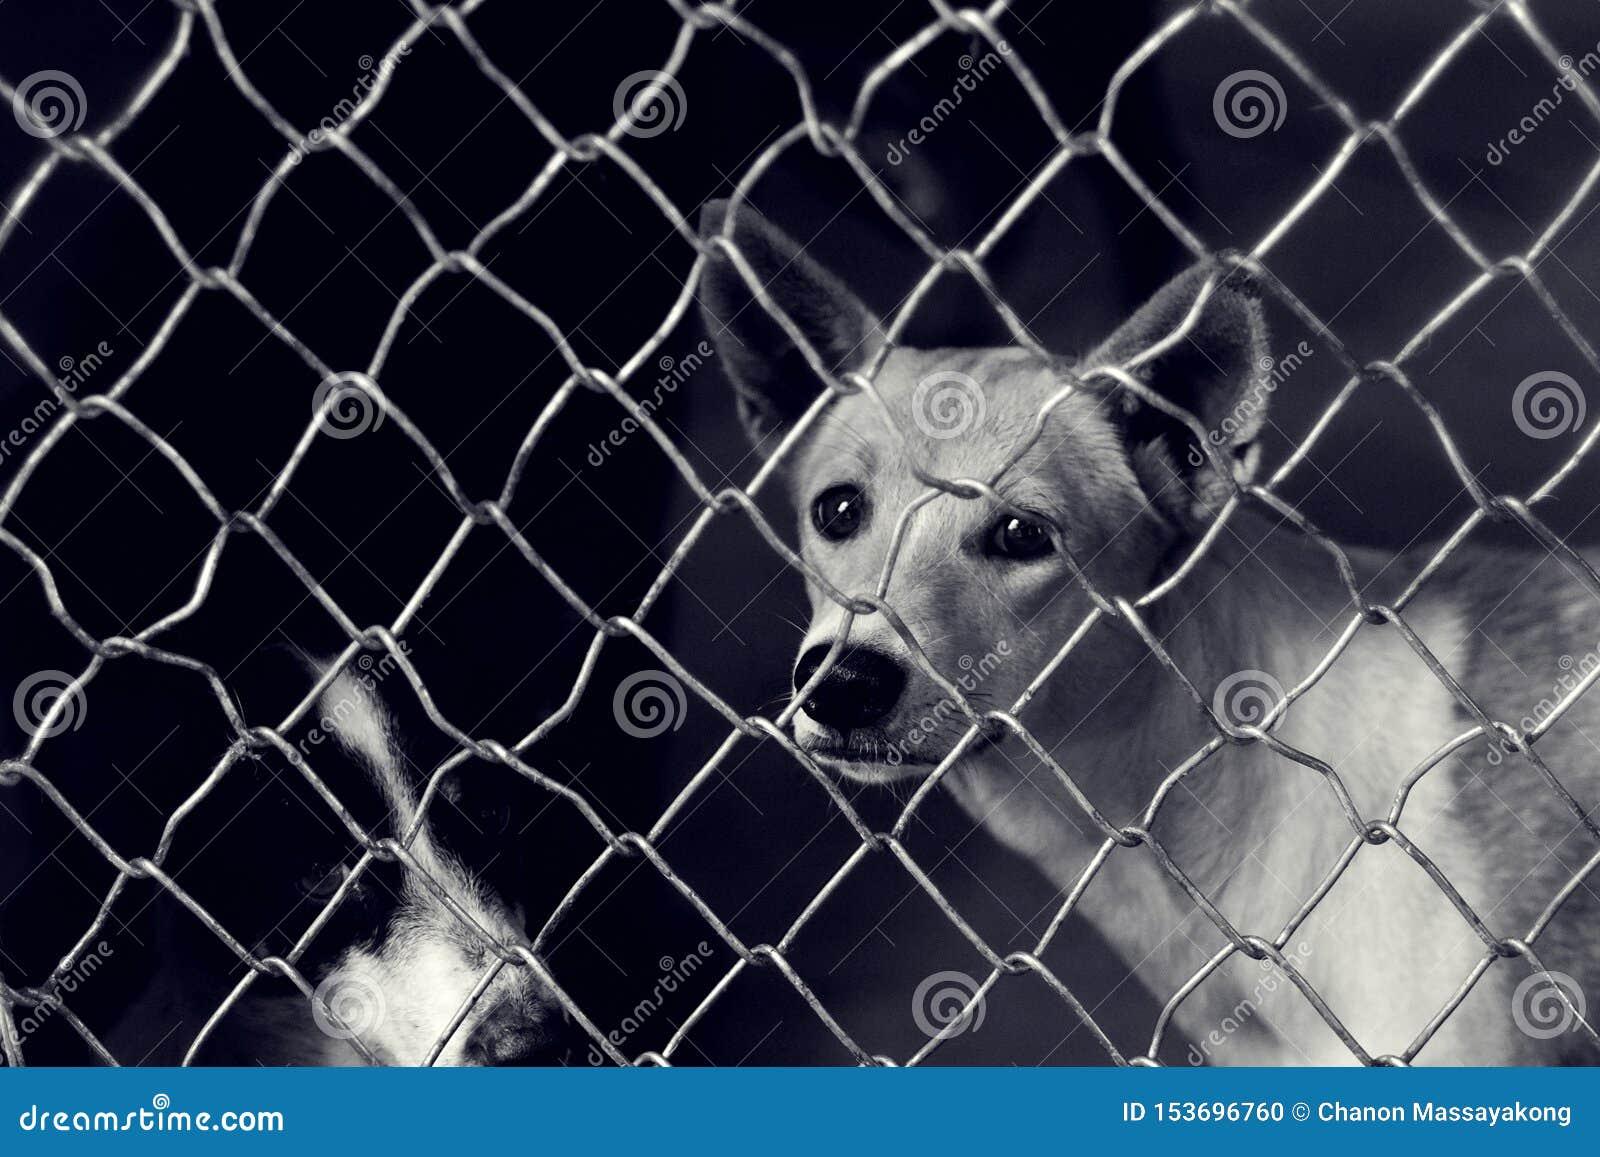 Chien égaré malheureux dans une cage